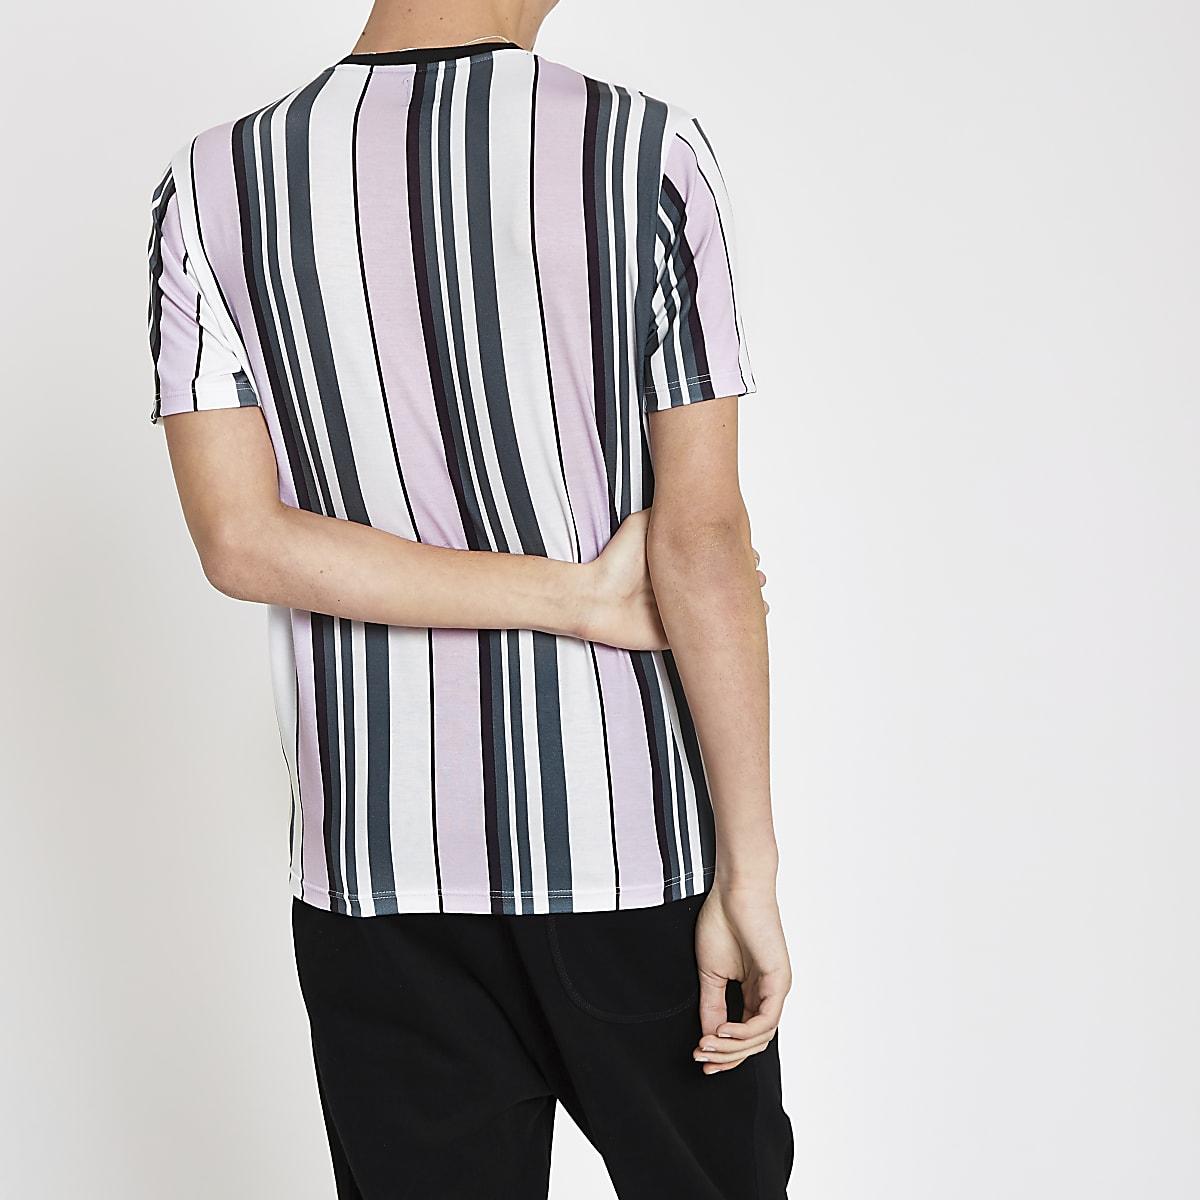 27fa8f38beea88 Pink stripe  Maison Riviera  slim fit T-shirt - T-shirts - T-Shirts ...